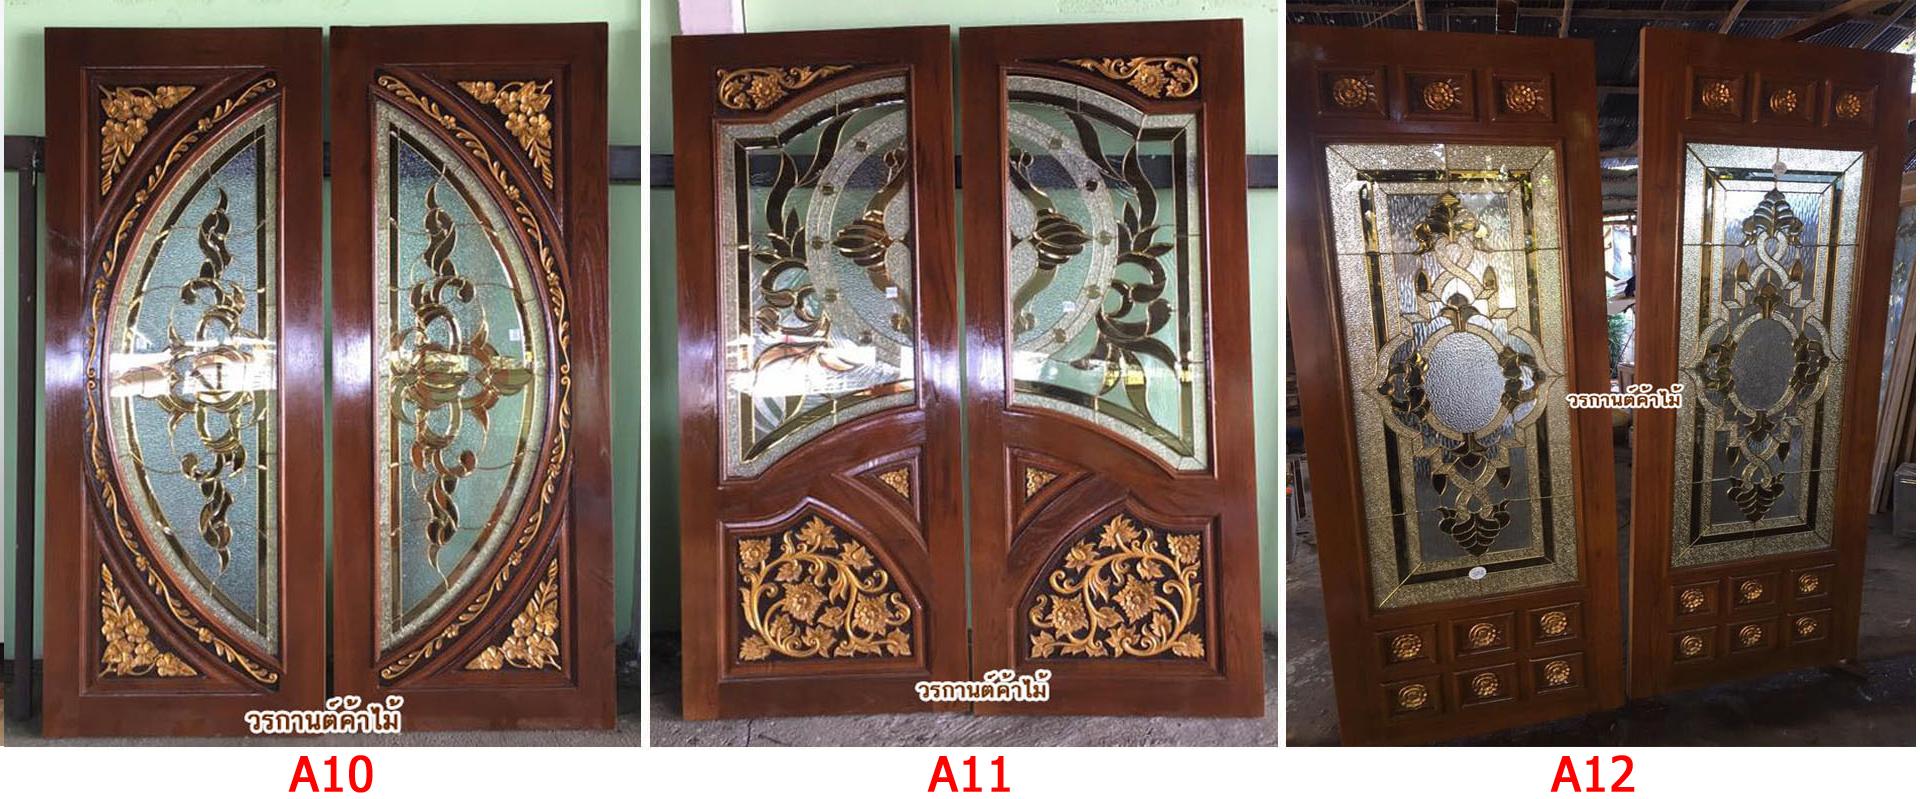 ประตูไม้สัก,ประตูไม้สักกระจกนิรภัย